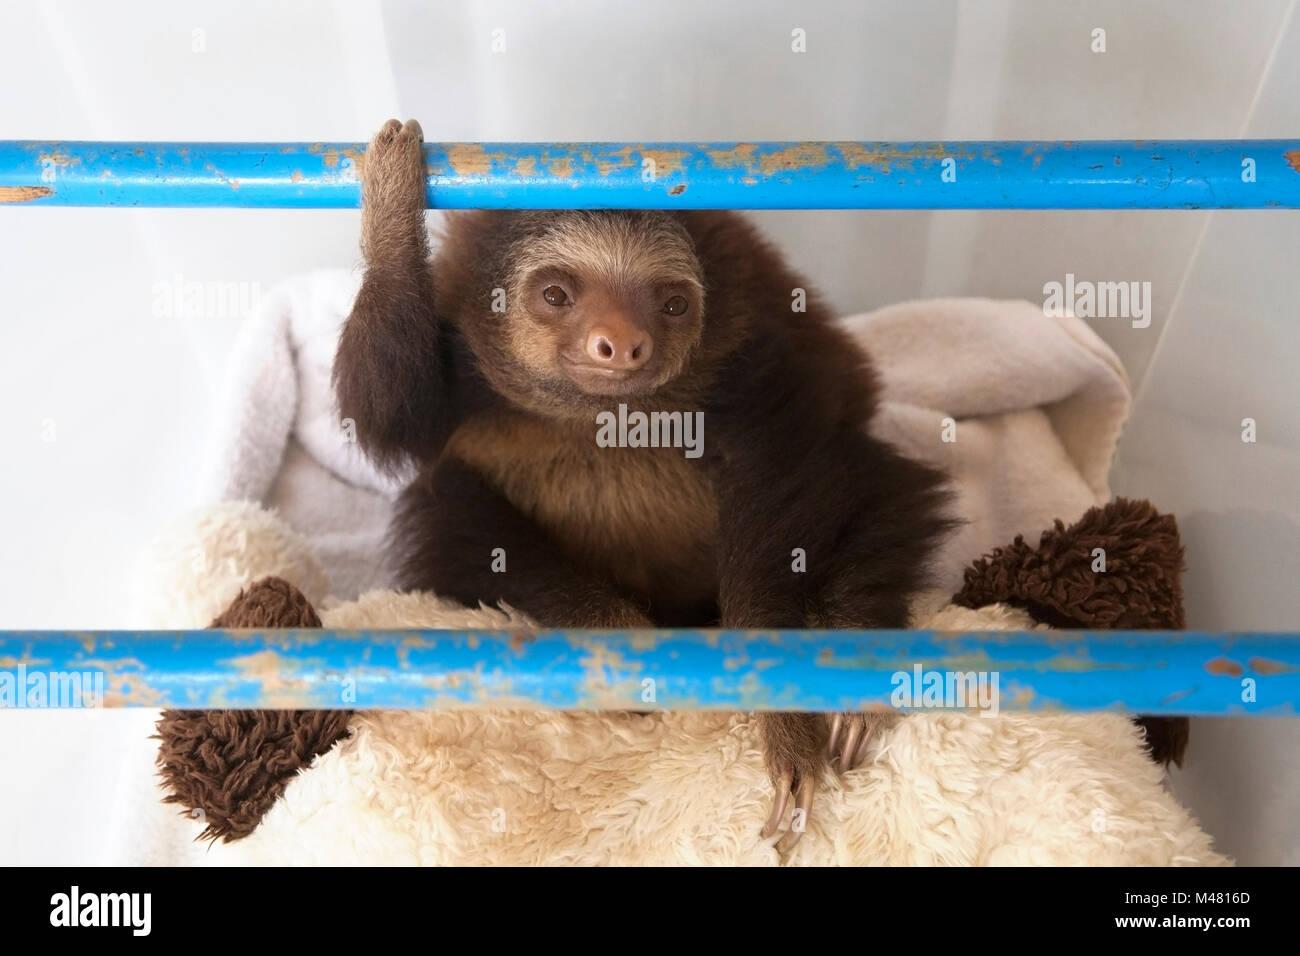 Les deux orphelines Hoffmann-toed Sloth bébé (Choloepus hoffmanni) play time en pépinière à Photo Stock